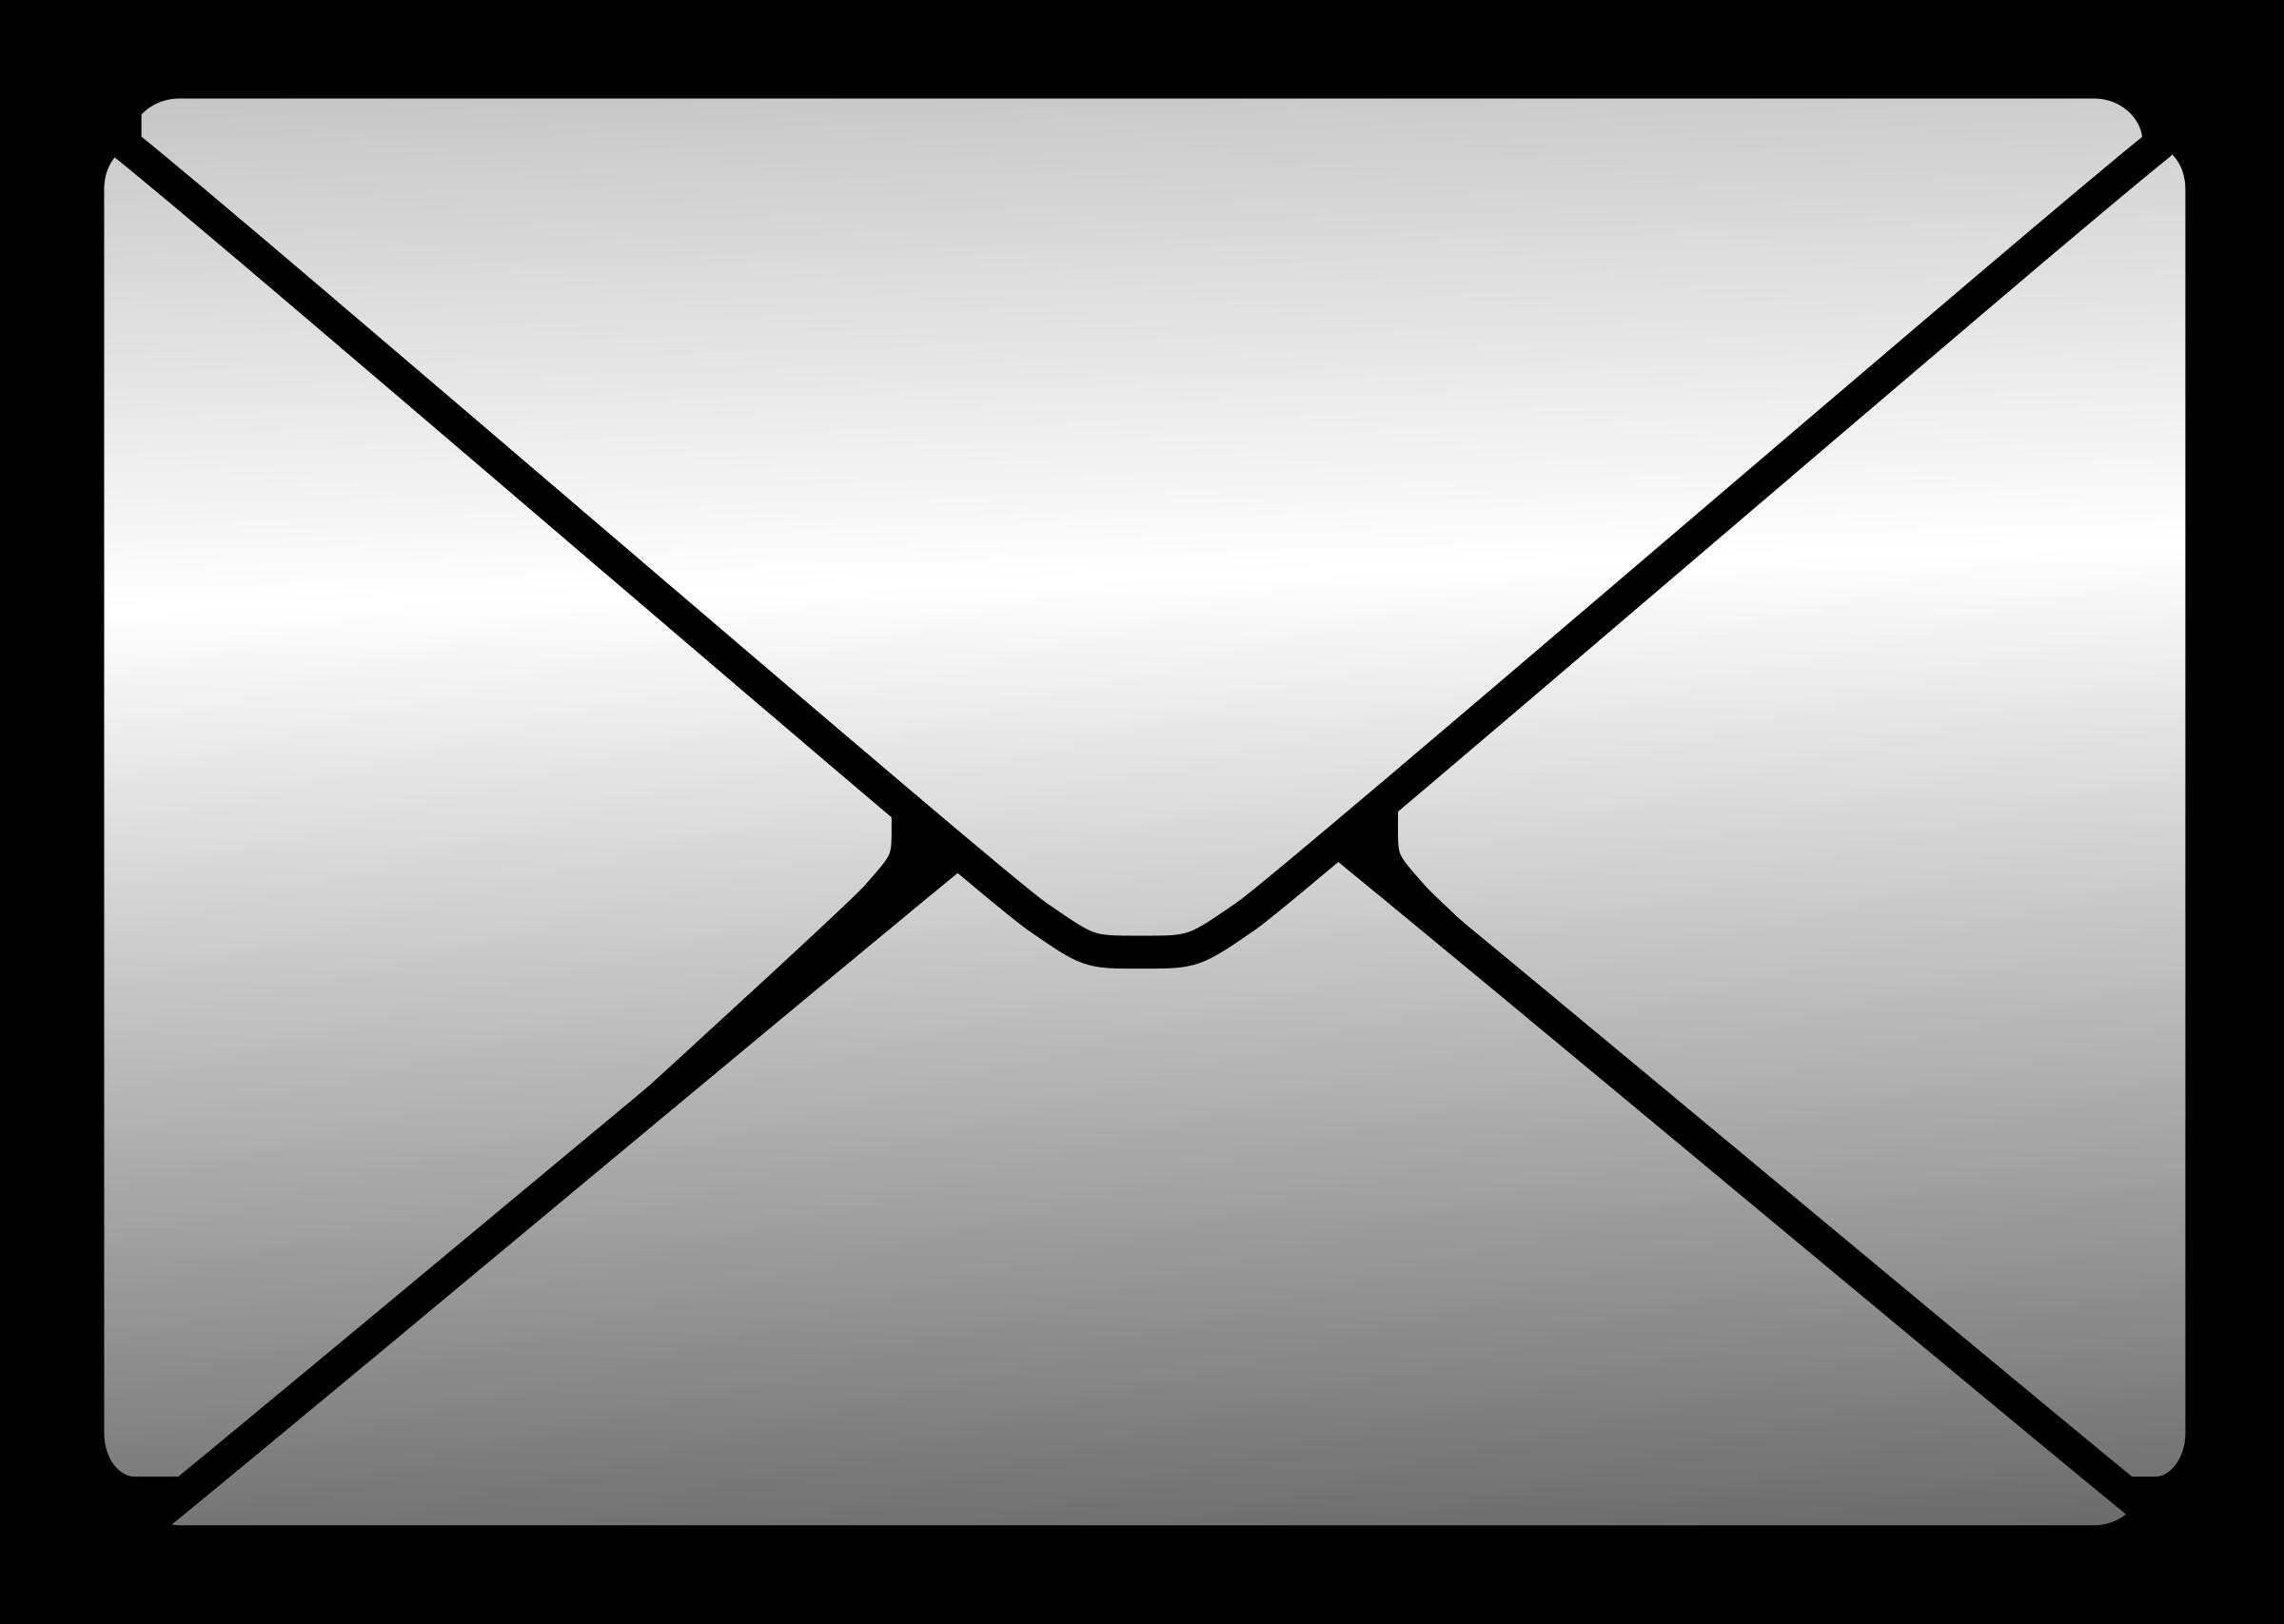 BIG IMAGE (PNG) - Letter PNG